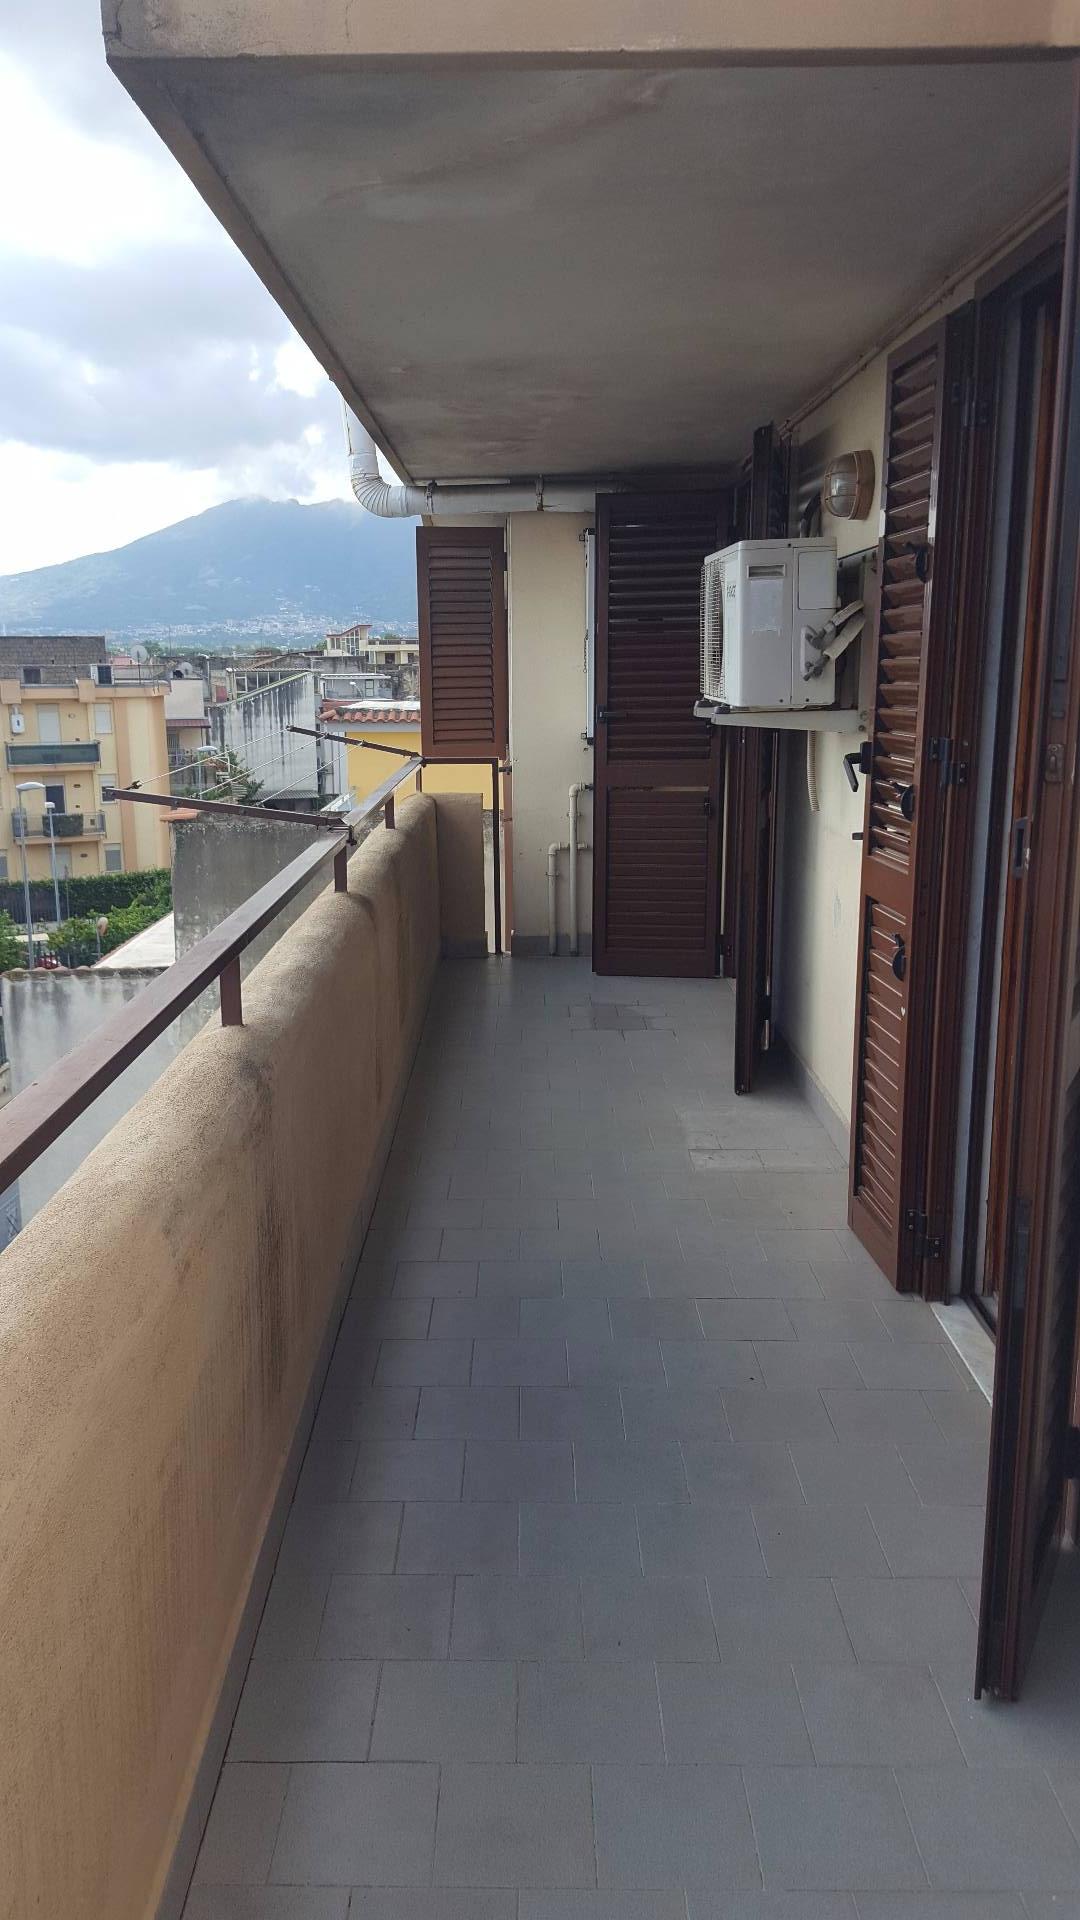 Attico / Mansarda in affitto a Mariglianella, 3 locali, prezzo € 360 | CambioCasa.it